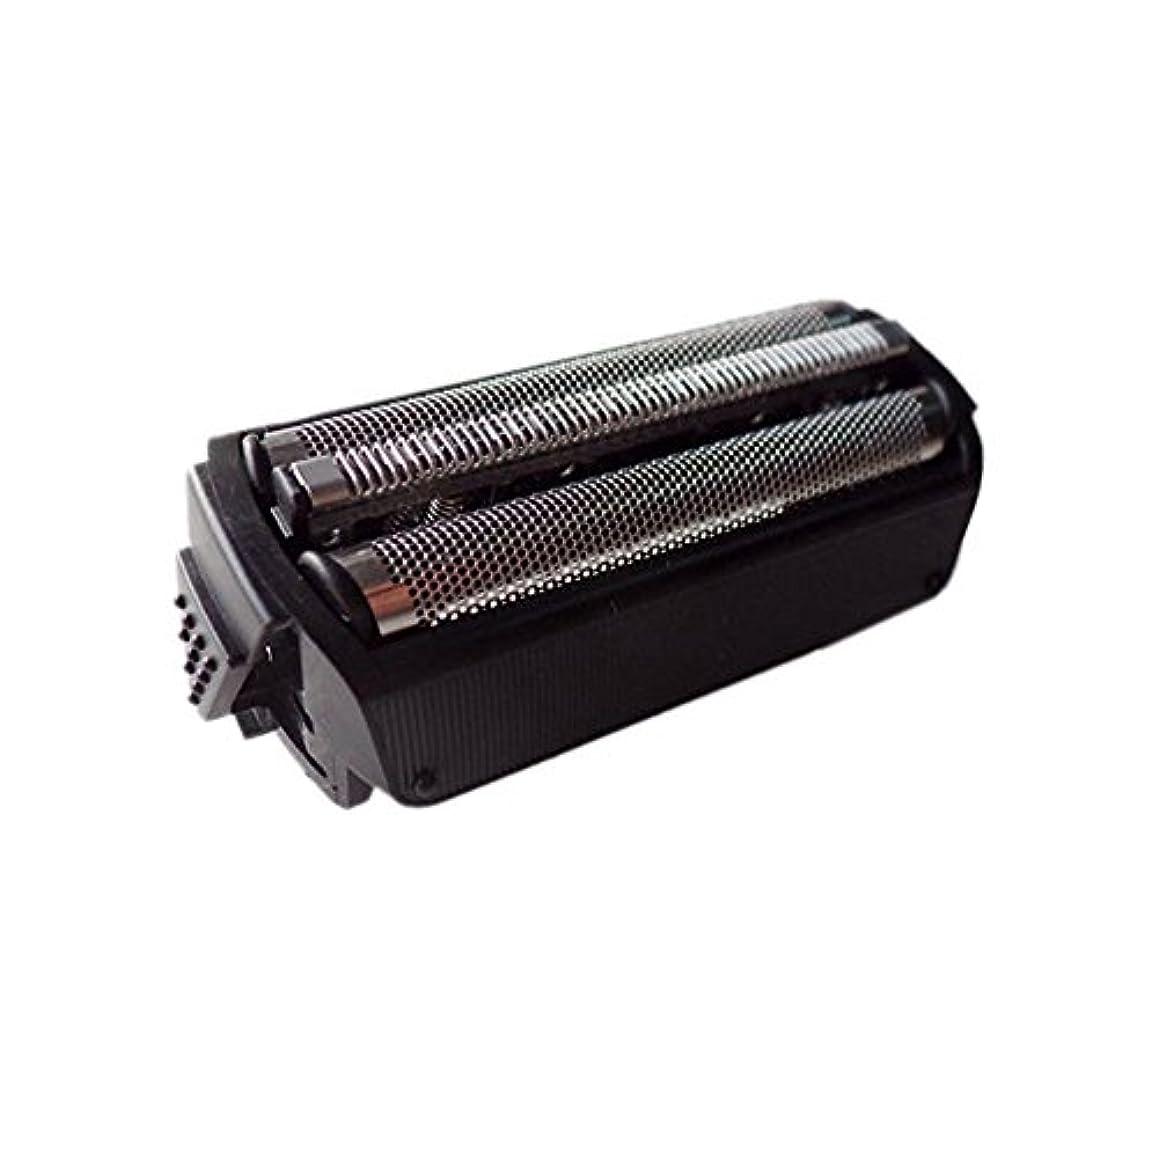 役に立つ収まる中止しますDeylaying シェーバー替刃 往復式シェーバー パーツ 外刃 耐用 高質量 for Panasonic ES9077/7013/8026/8016/7003/882/883